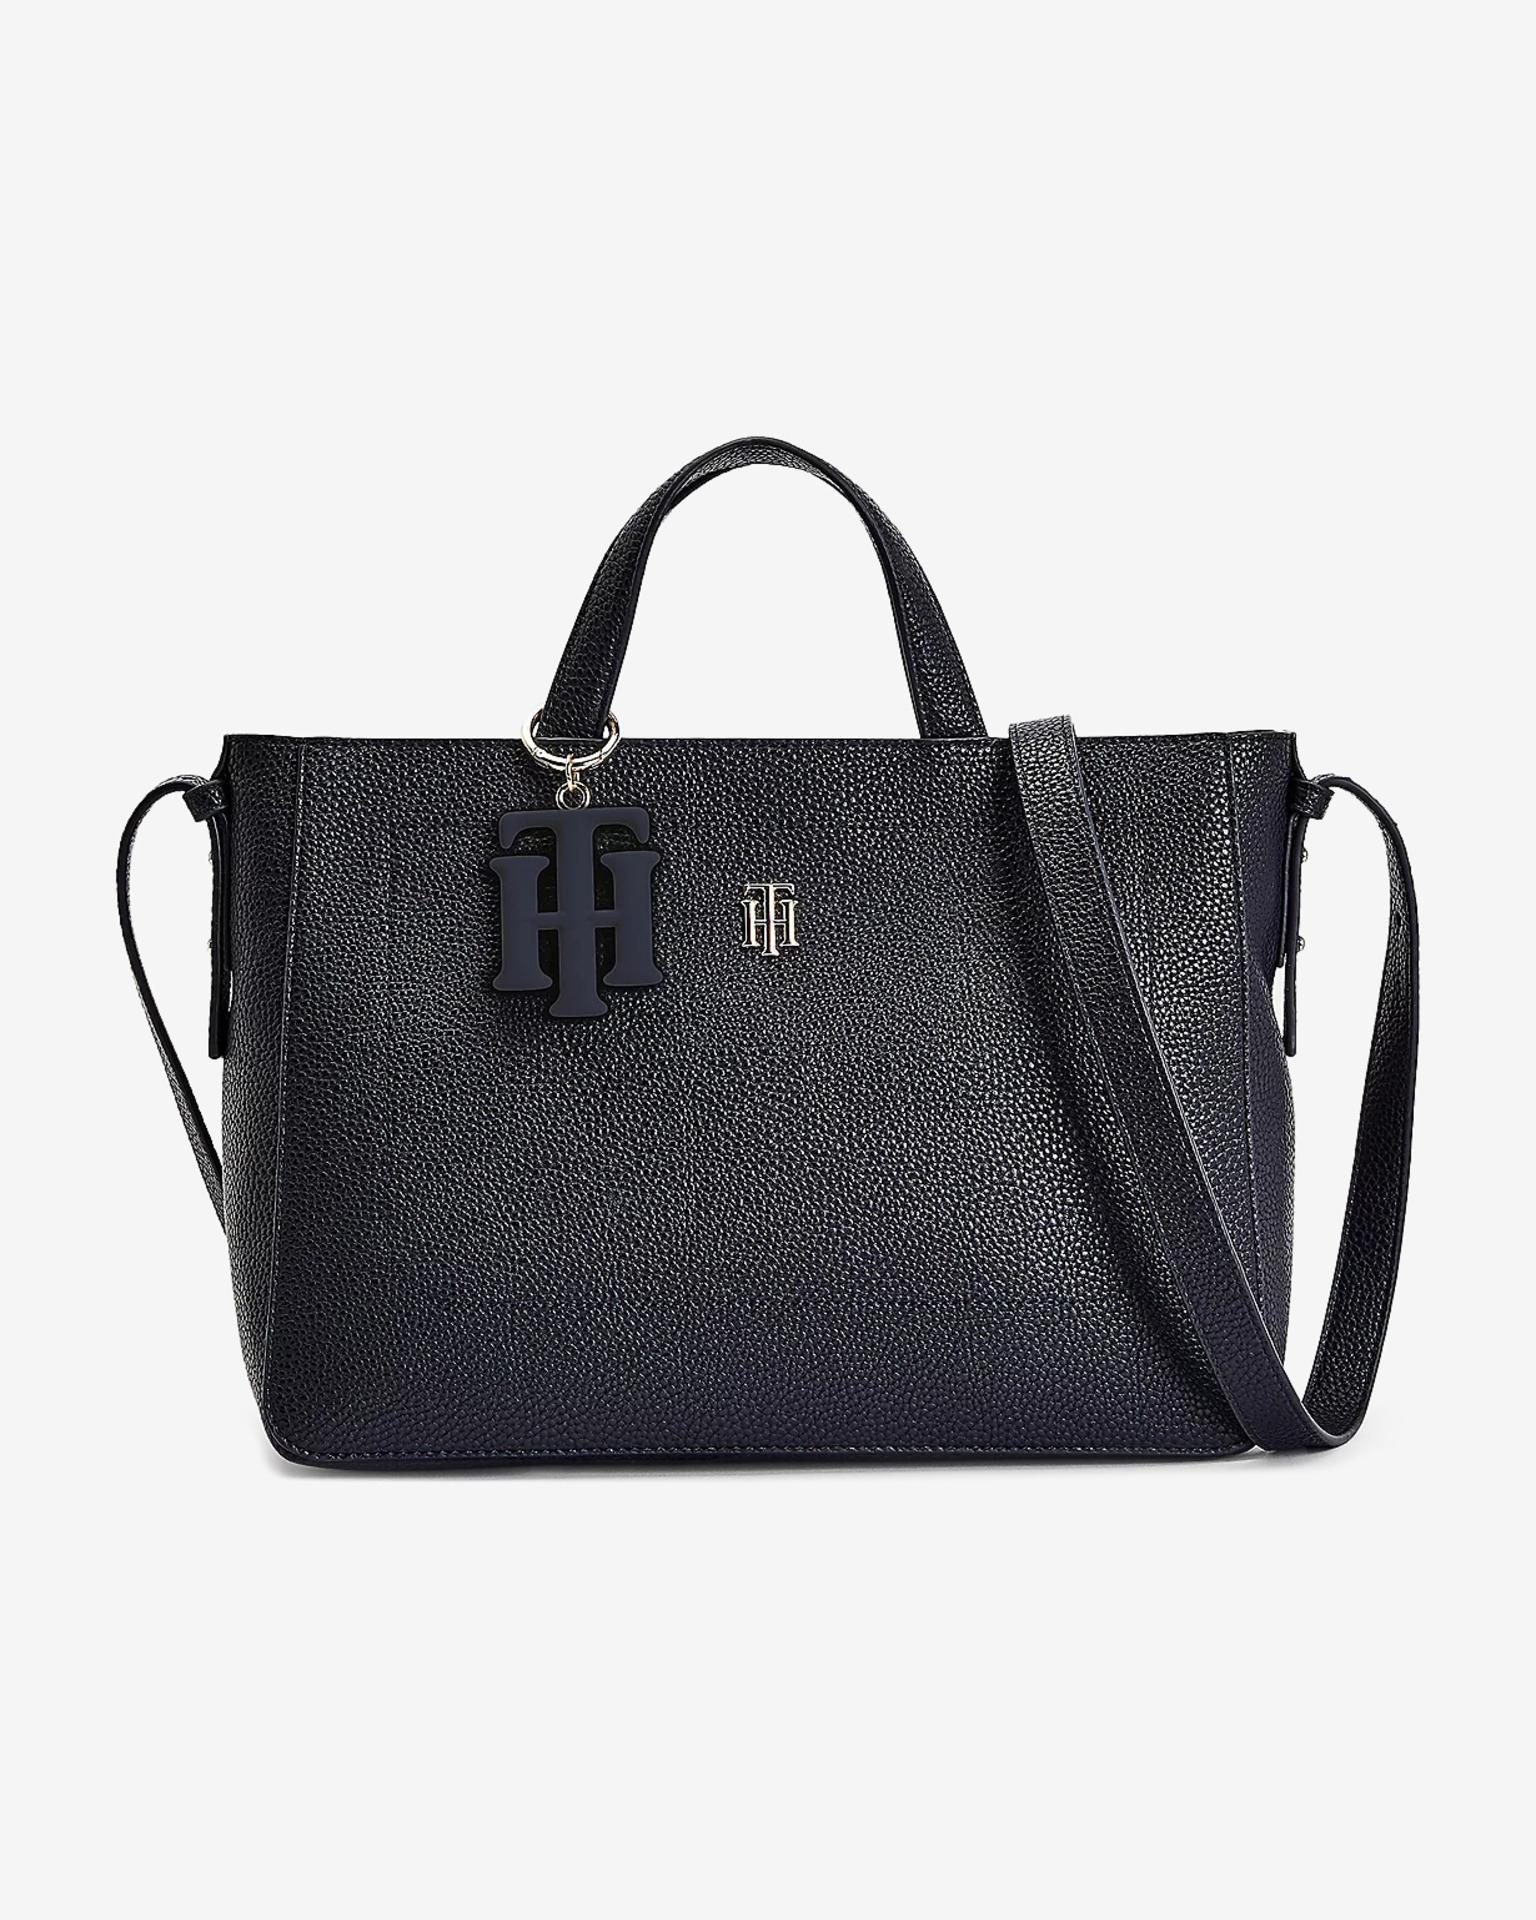 Tommy Hilfiger plava torbica TH Soft